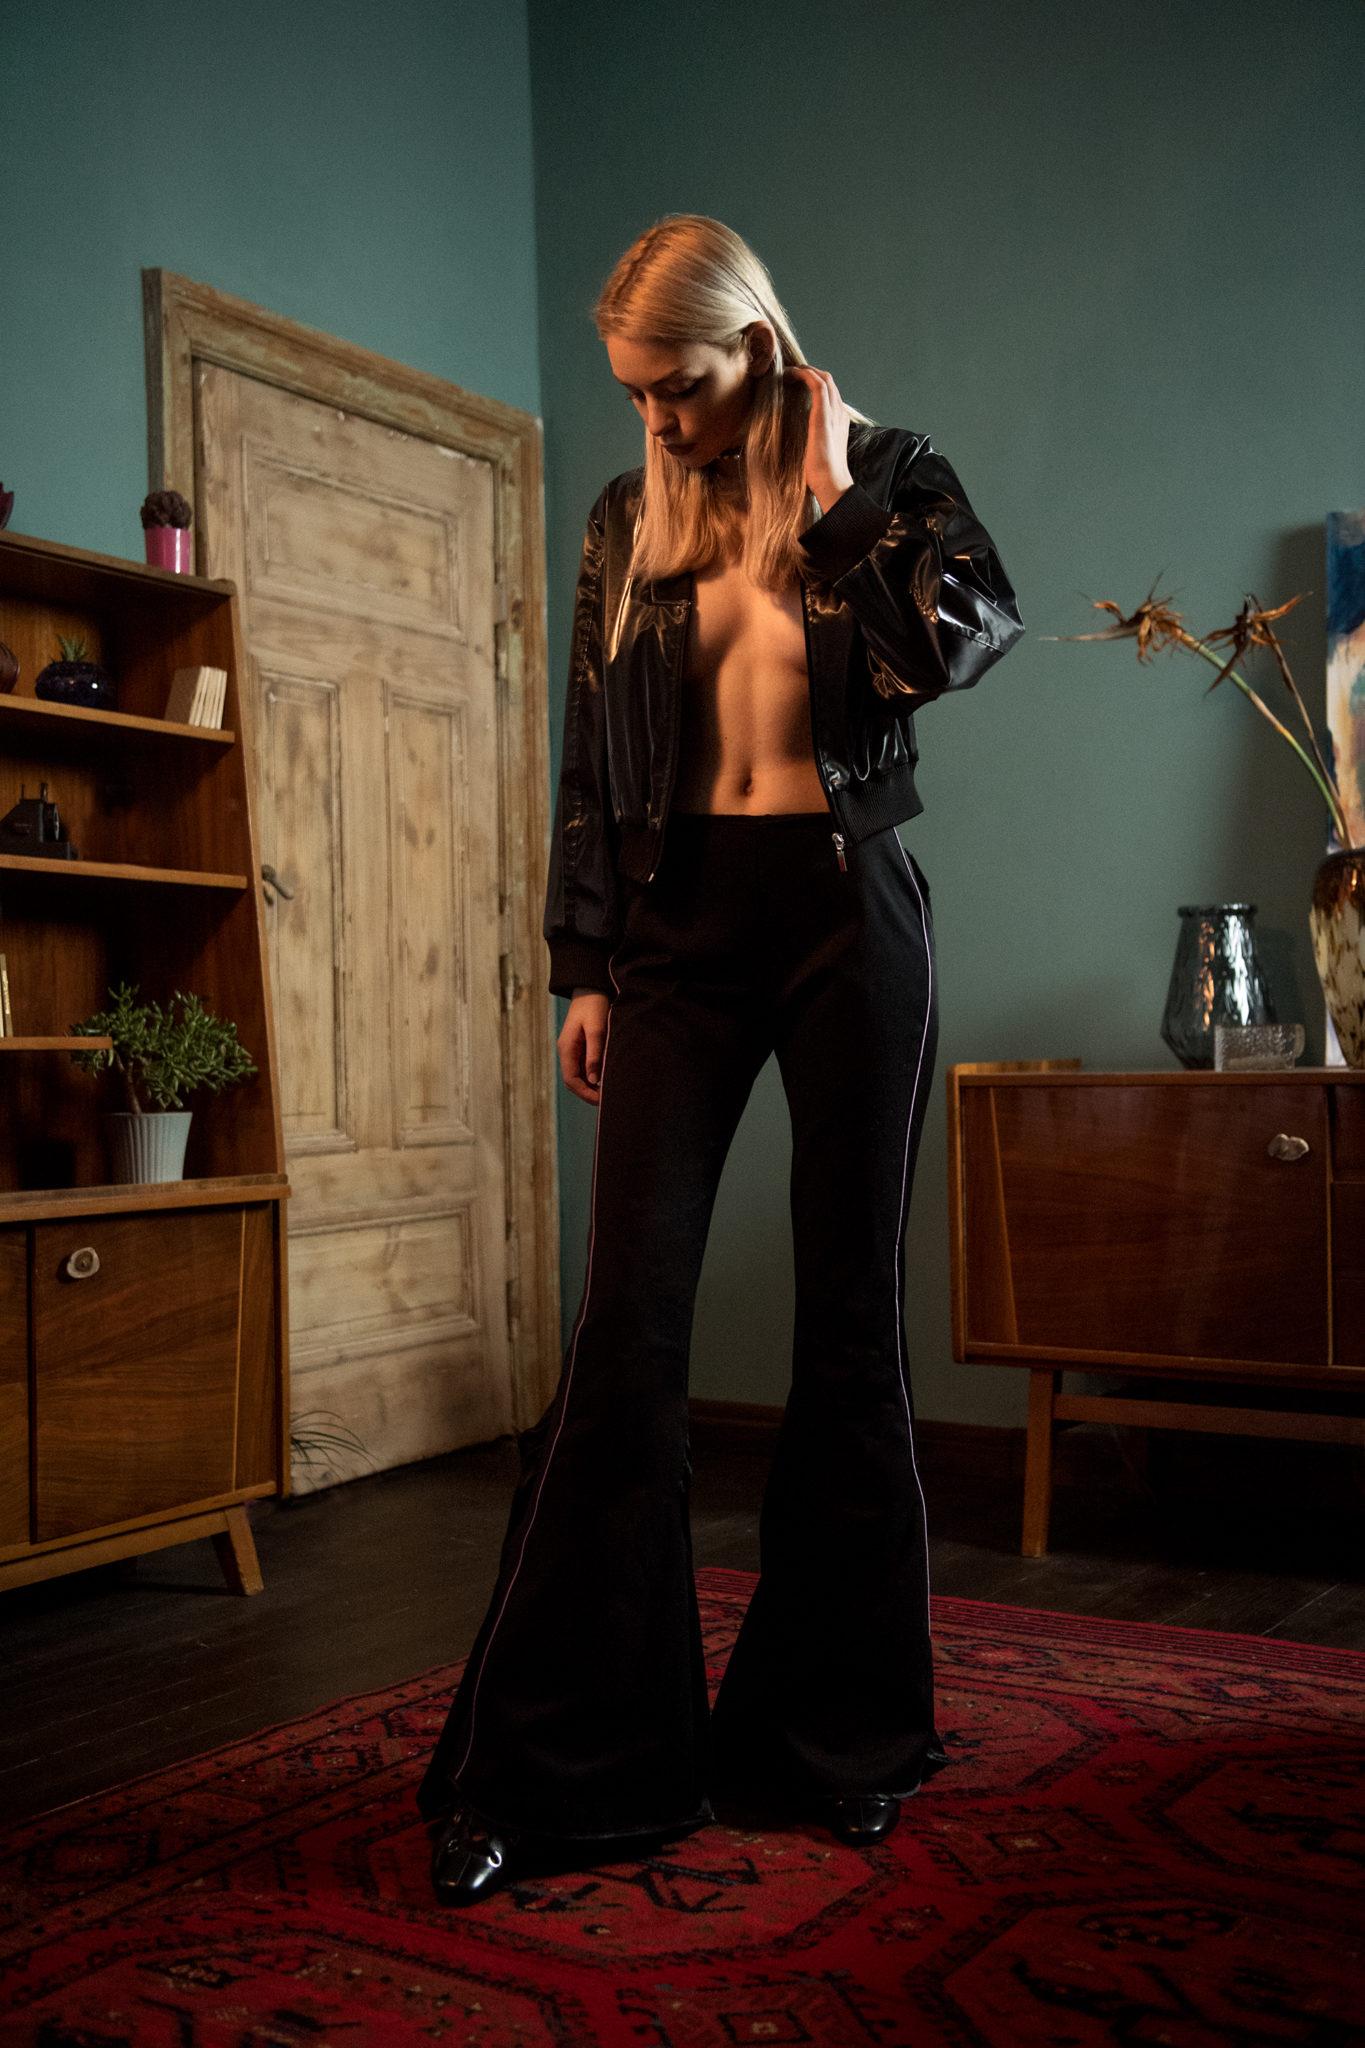 Dziewczyna w ciemnych spodniach typu dzwony stojąca w eklektycznym wnętrzu